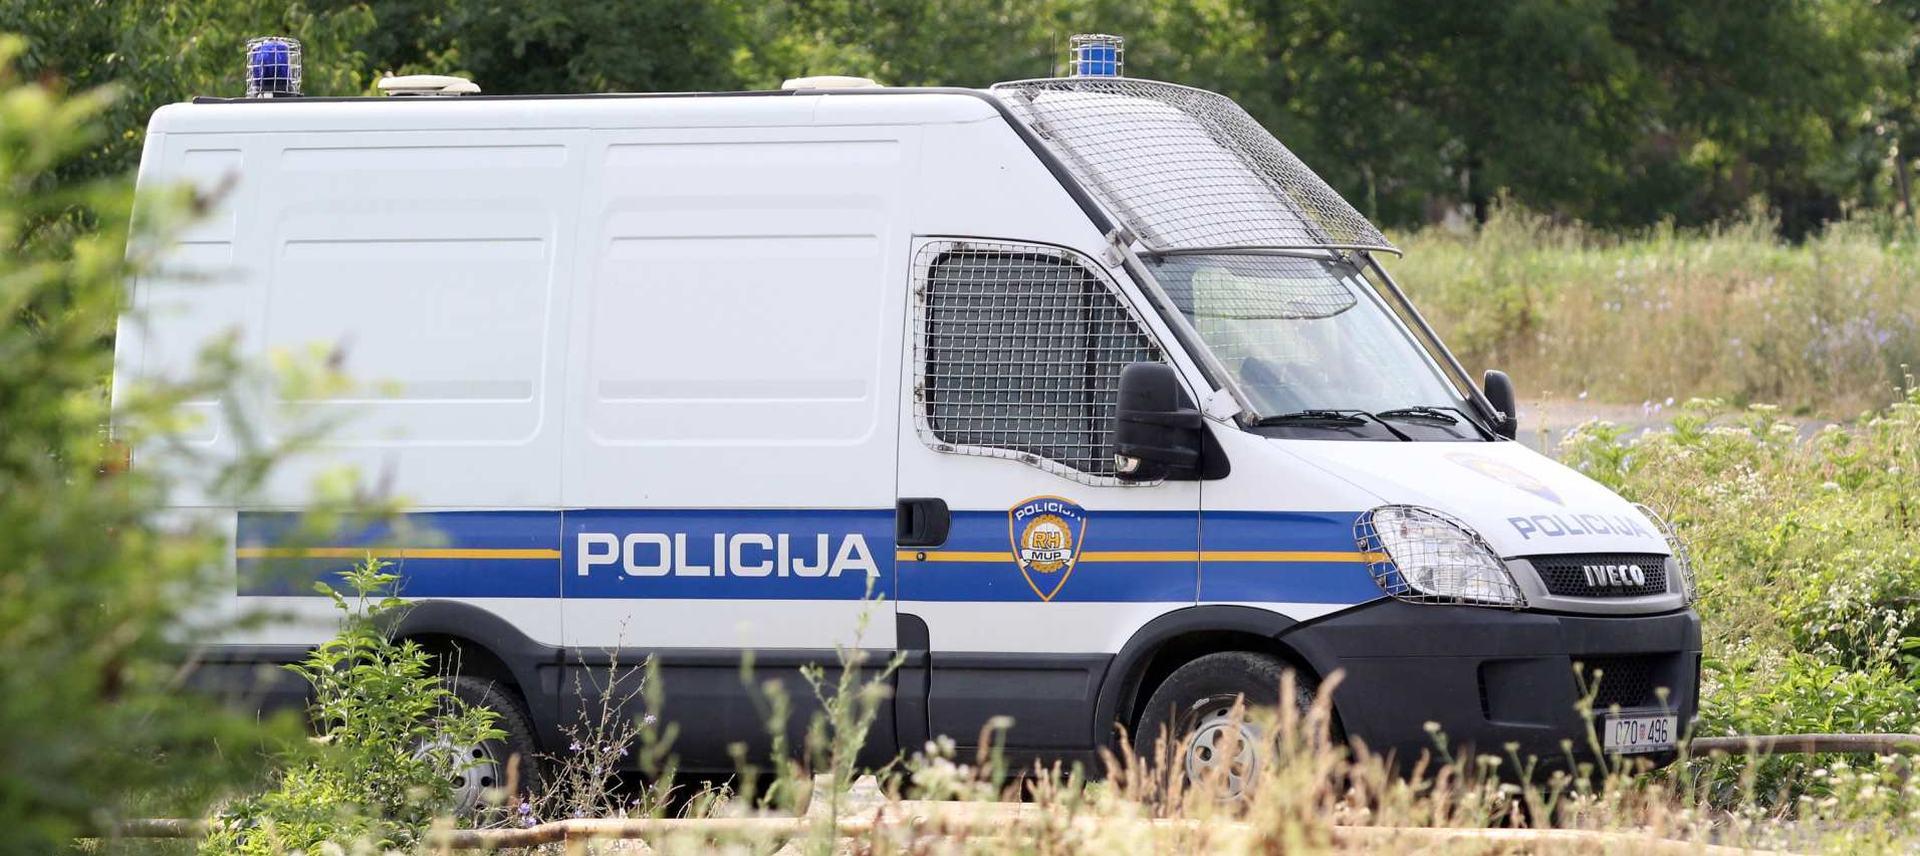 ILEGALNI PRELAZAK GRANICE: Uhićena dvojica Albanaca